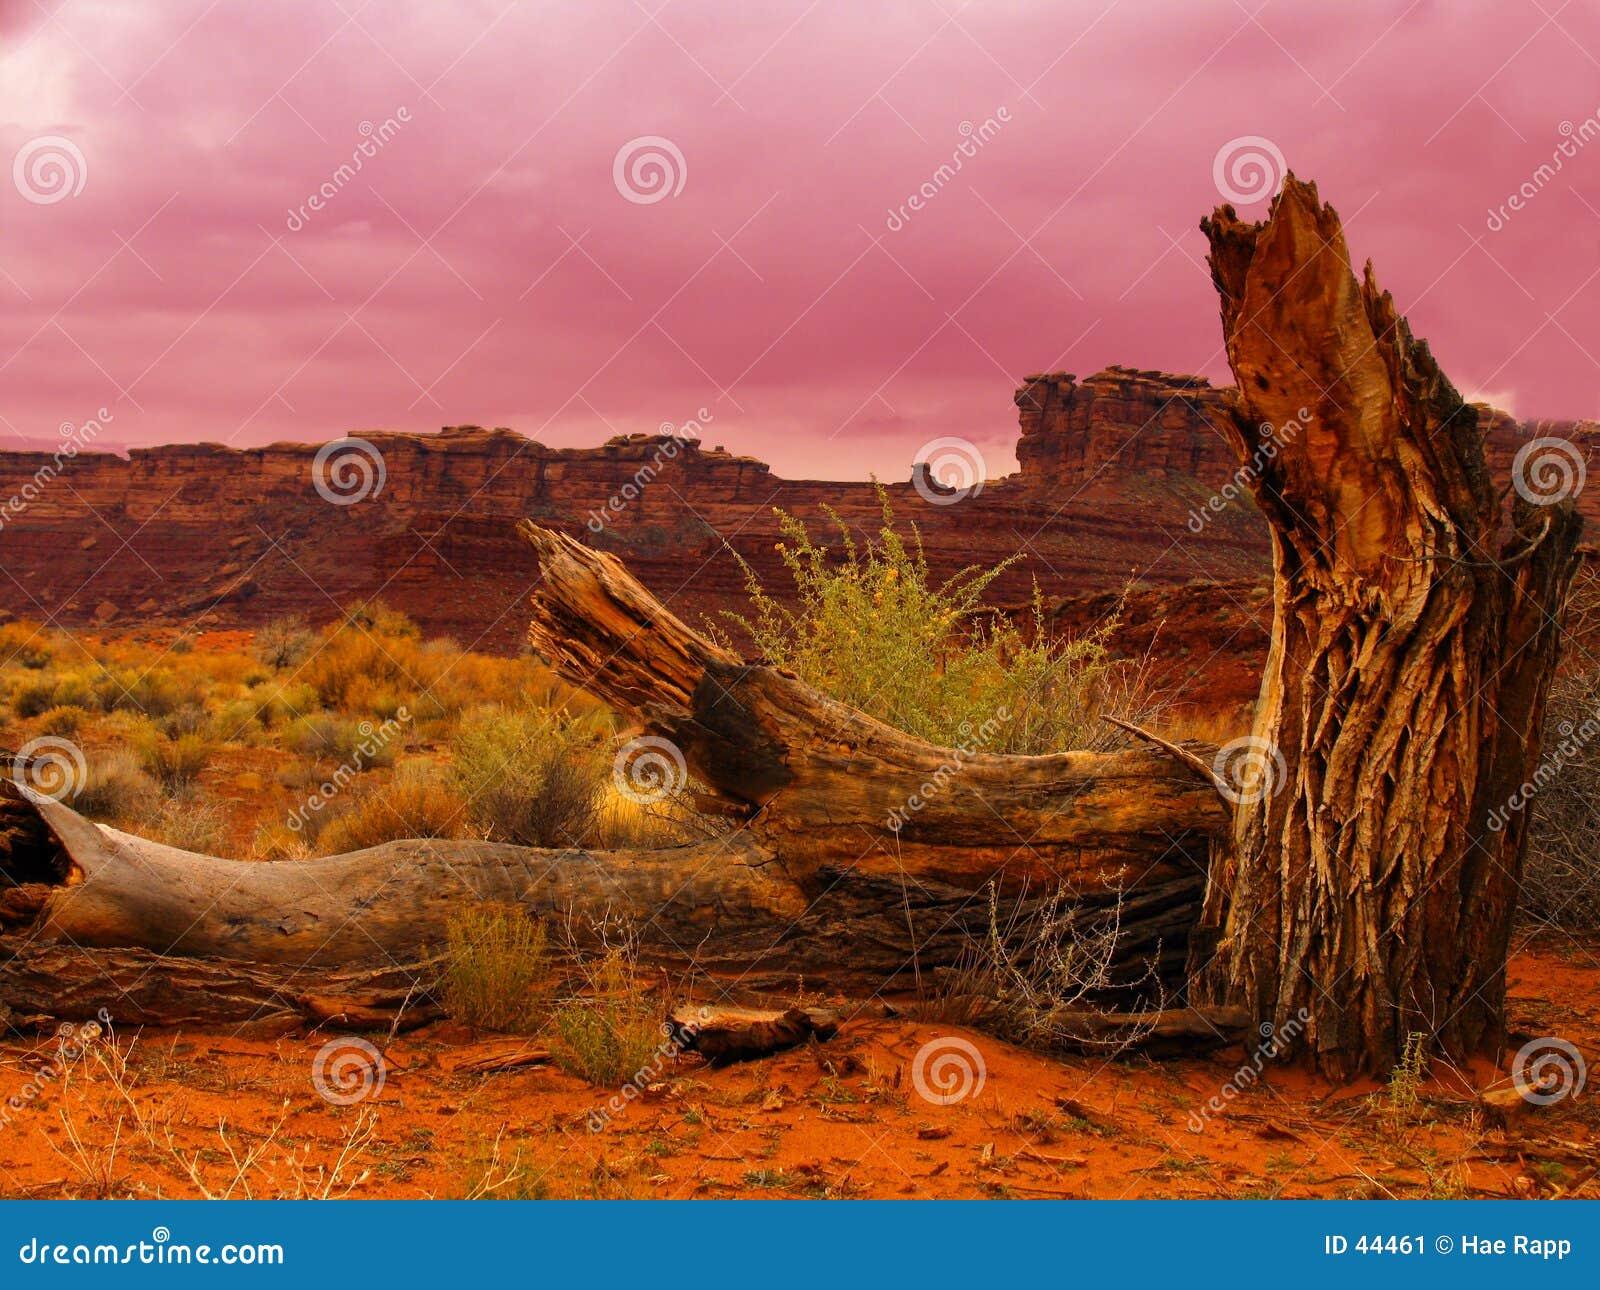 Download Dode boom stock afbeelding. Afbeelding bestaande uit hout - 44461